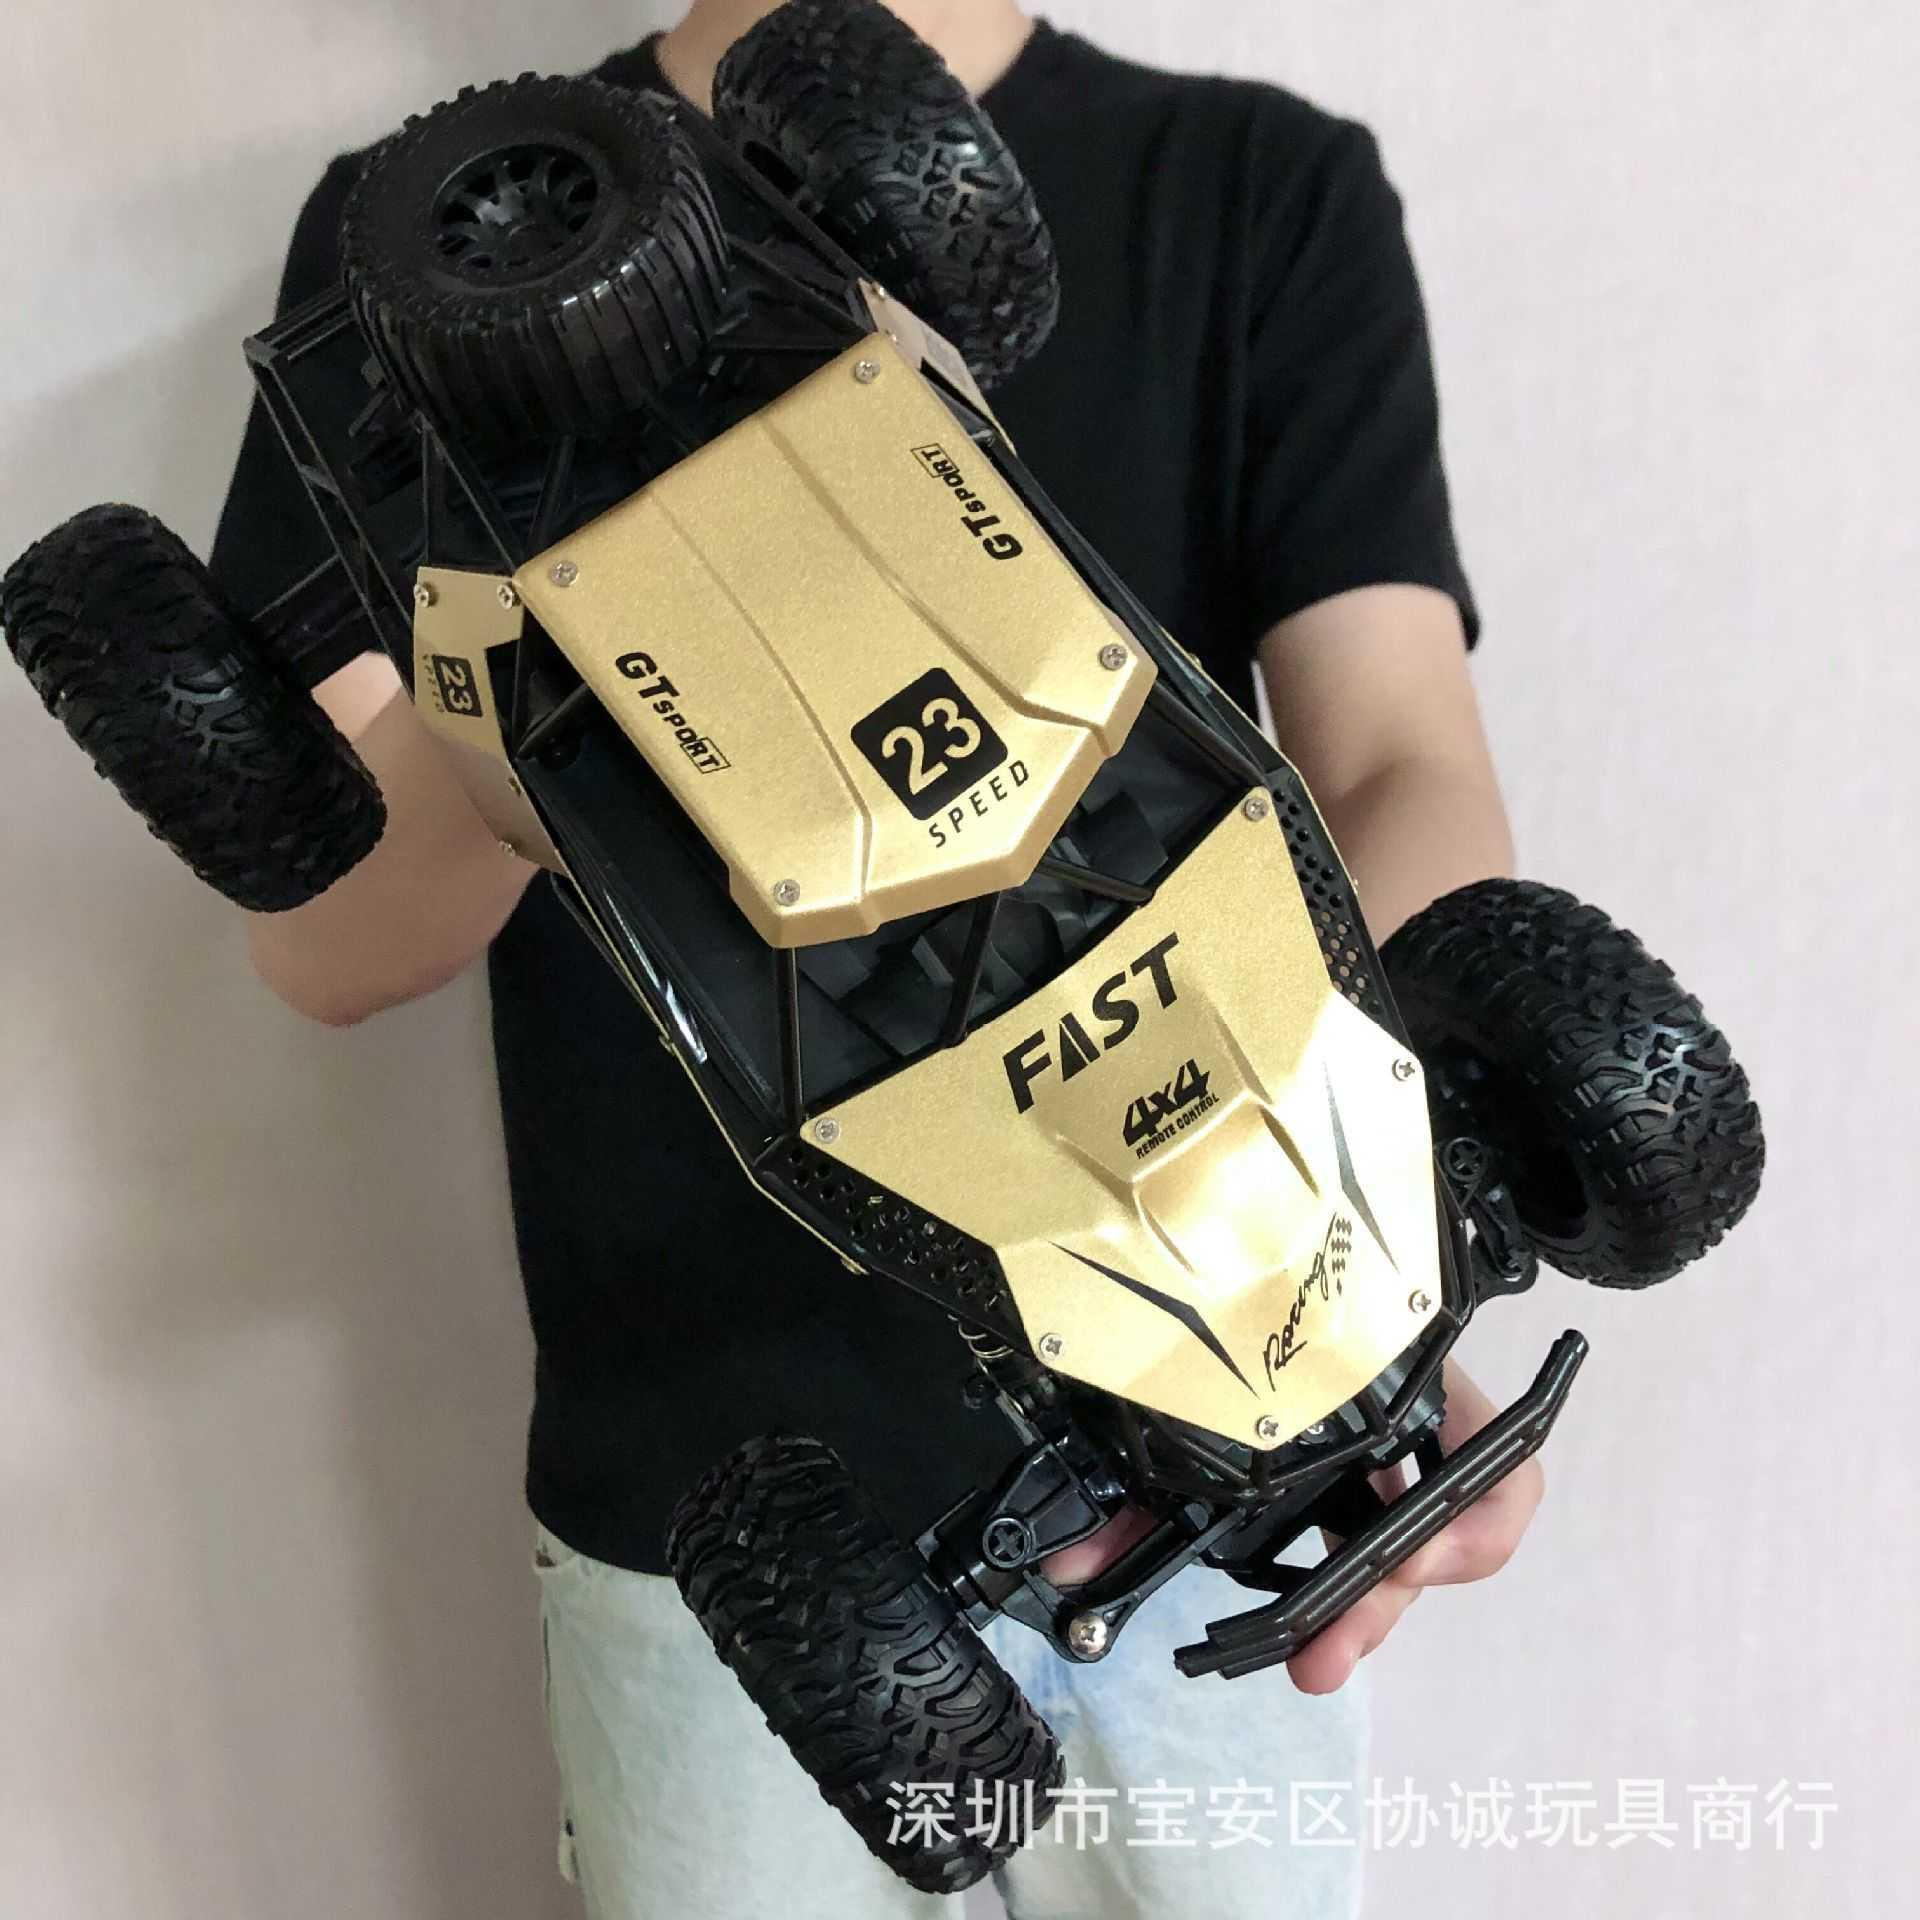 Süper büyük alaşım rc uzaktan kumanda araç 4WD yüksek hızlı çapraz ülke tırmanma bigfoot yarış çocuk şarj çocuk oyuncak araba